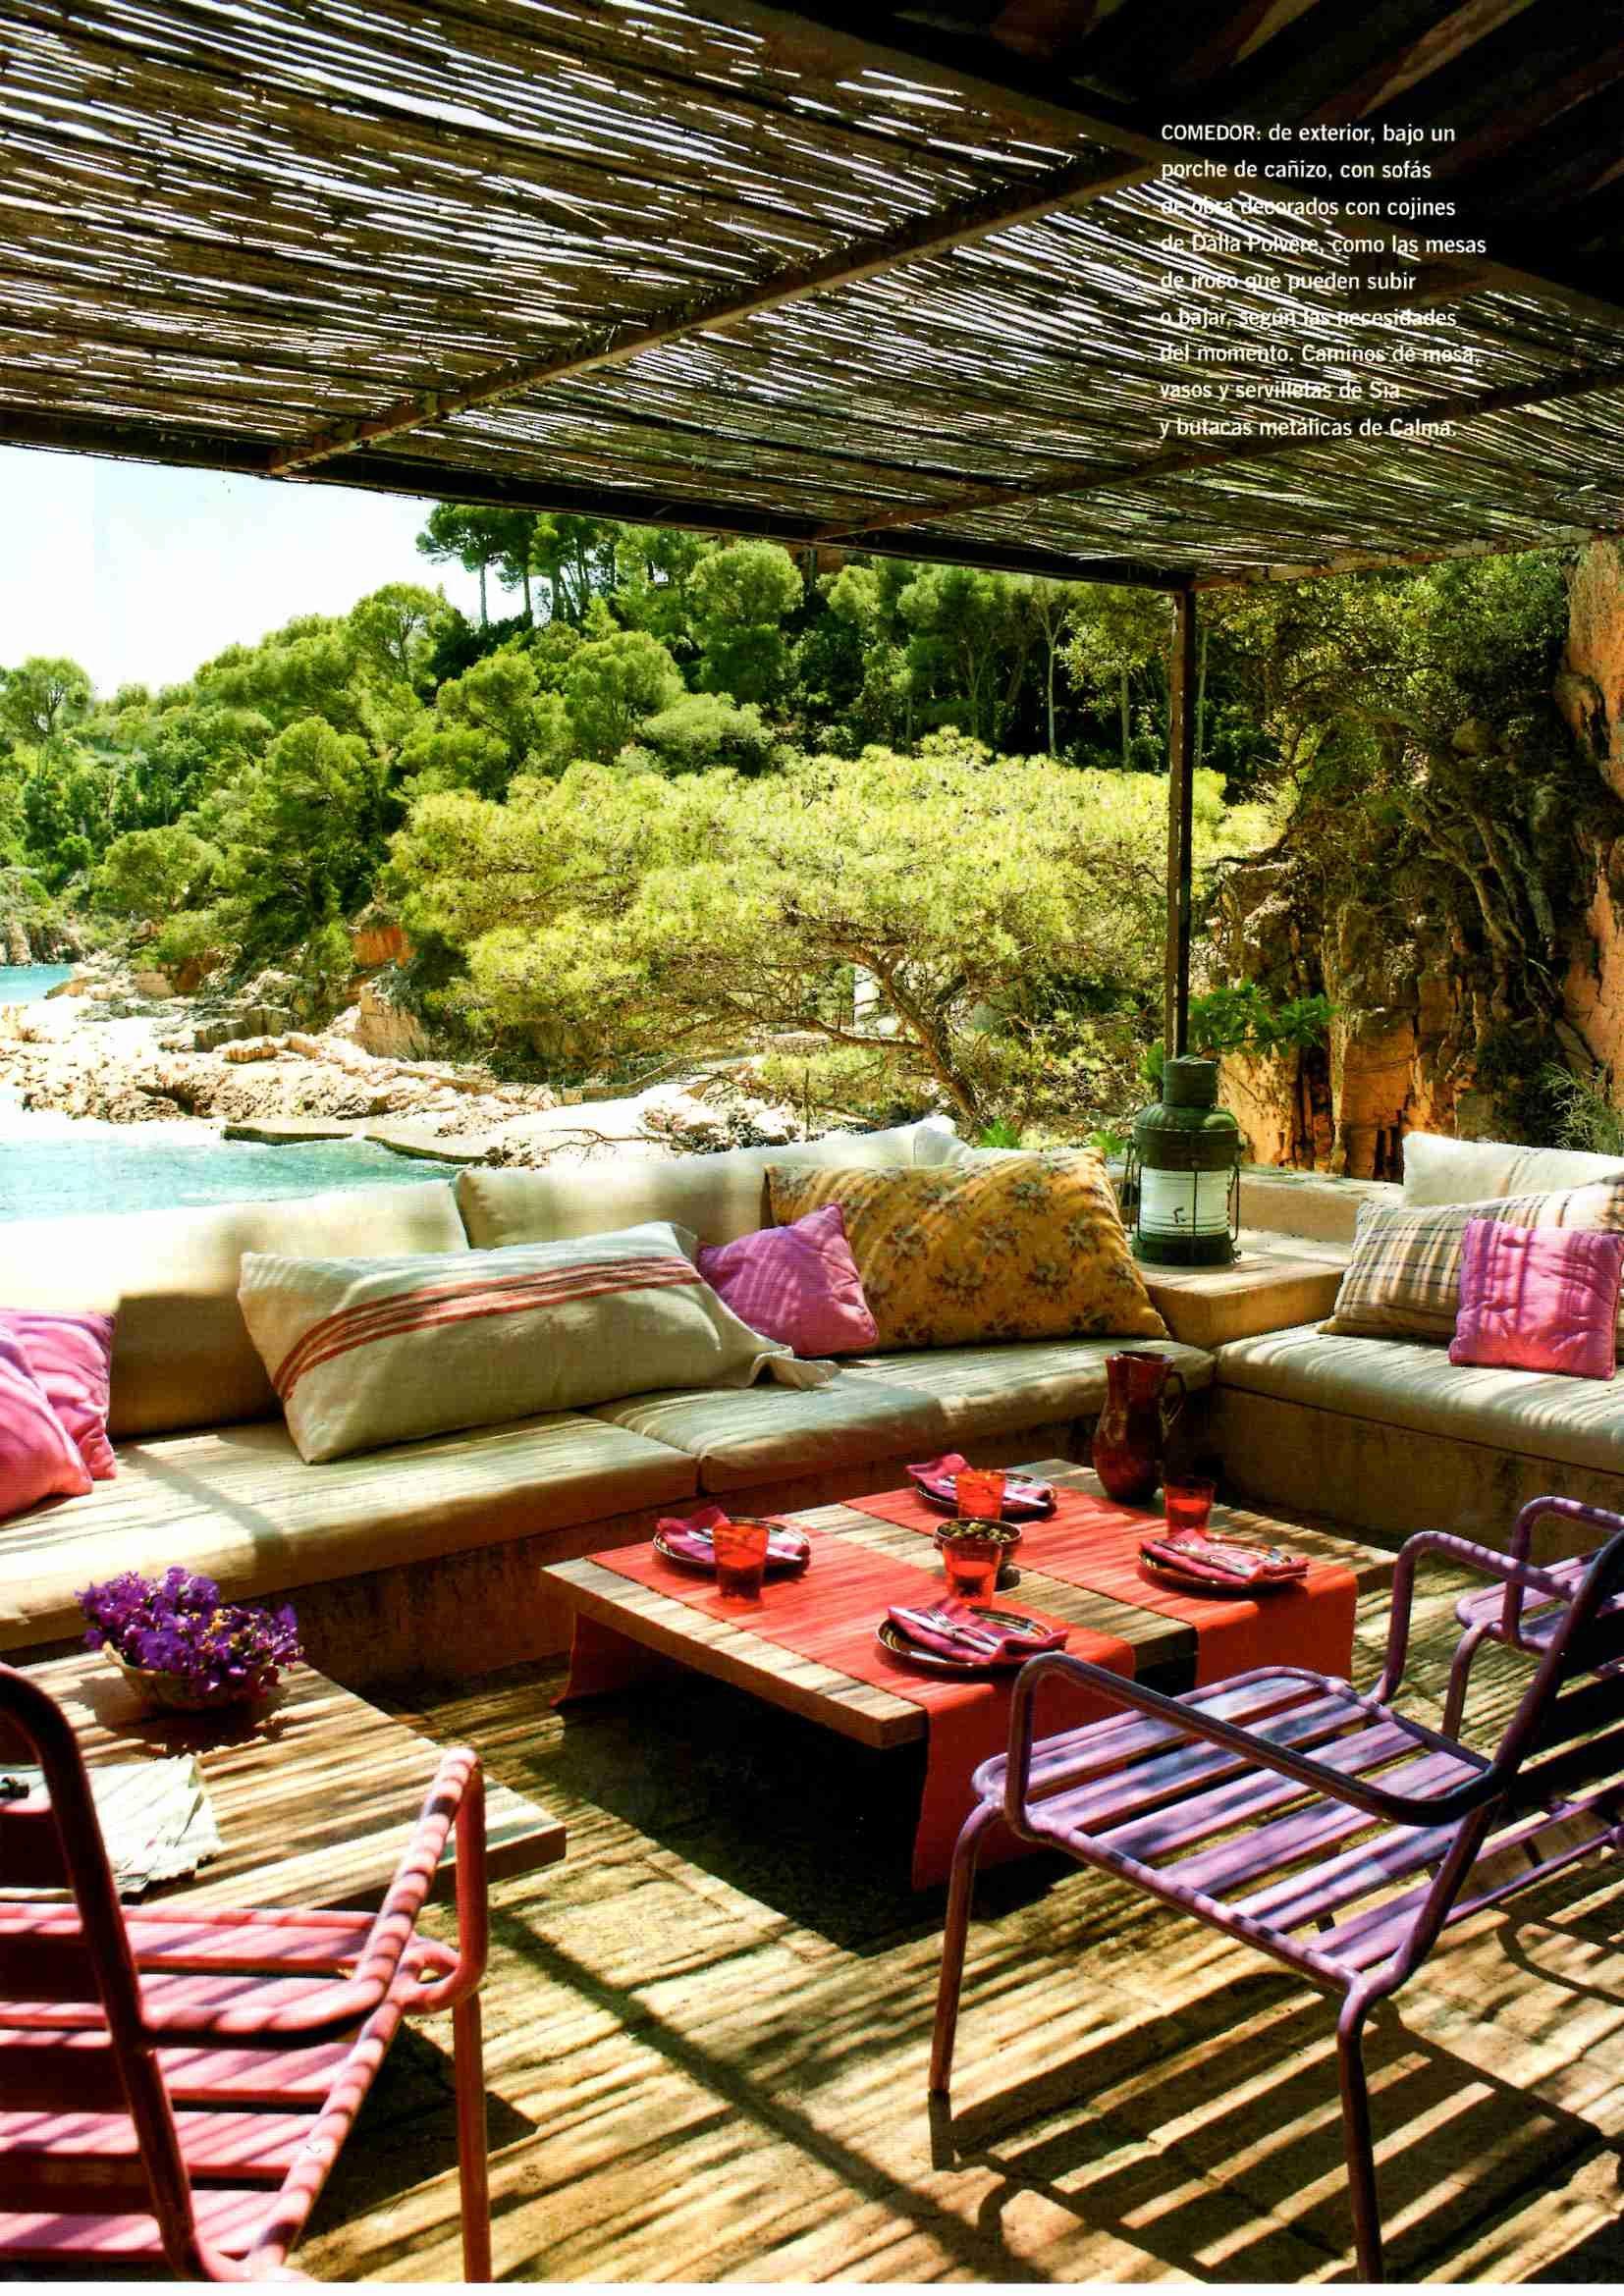 Dalla Polvere design studio interior designers Patrizia Casarini and ...